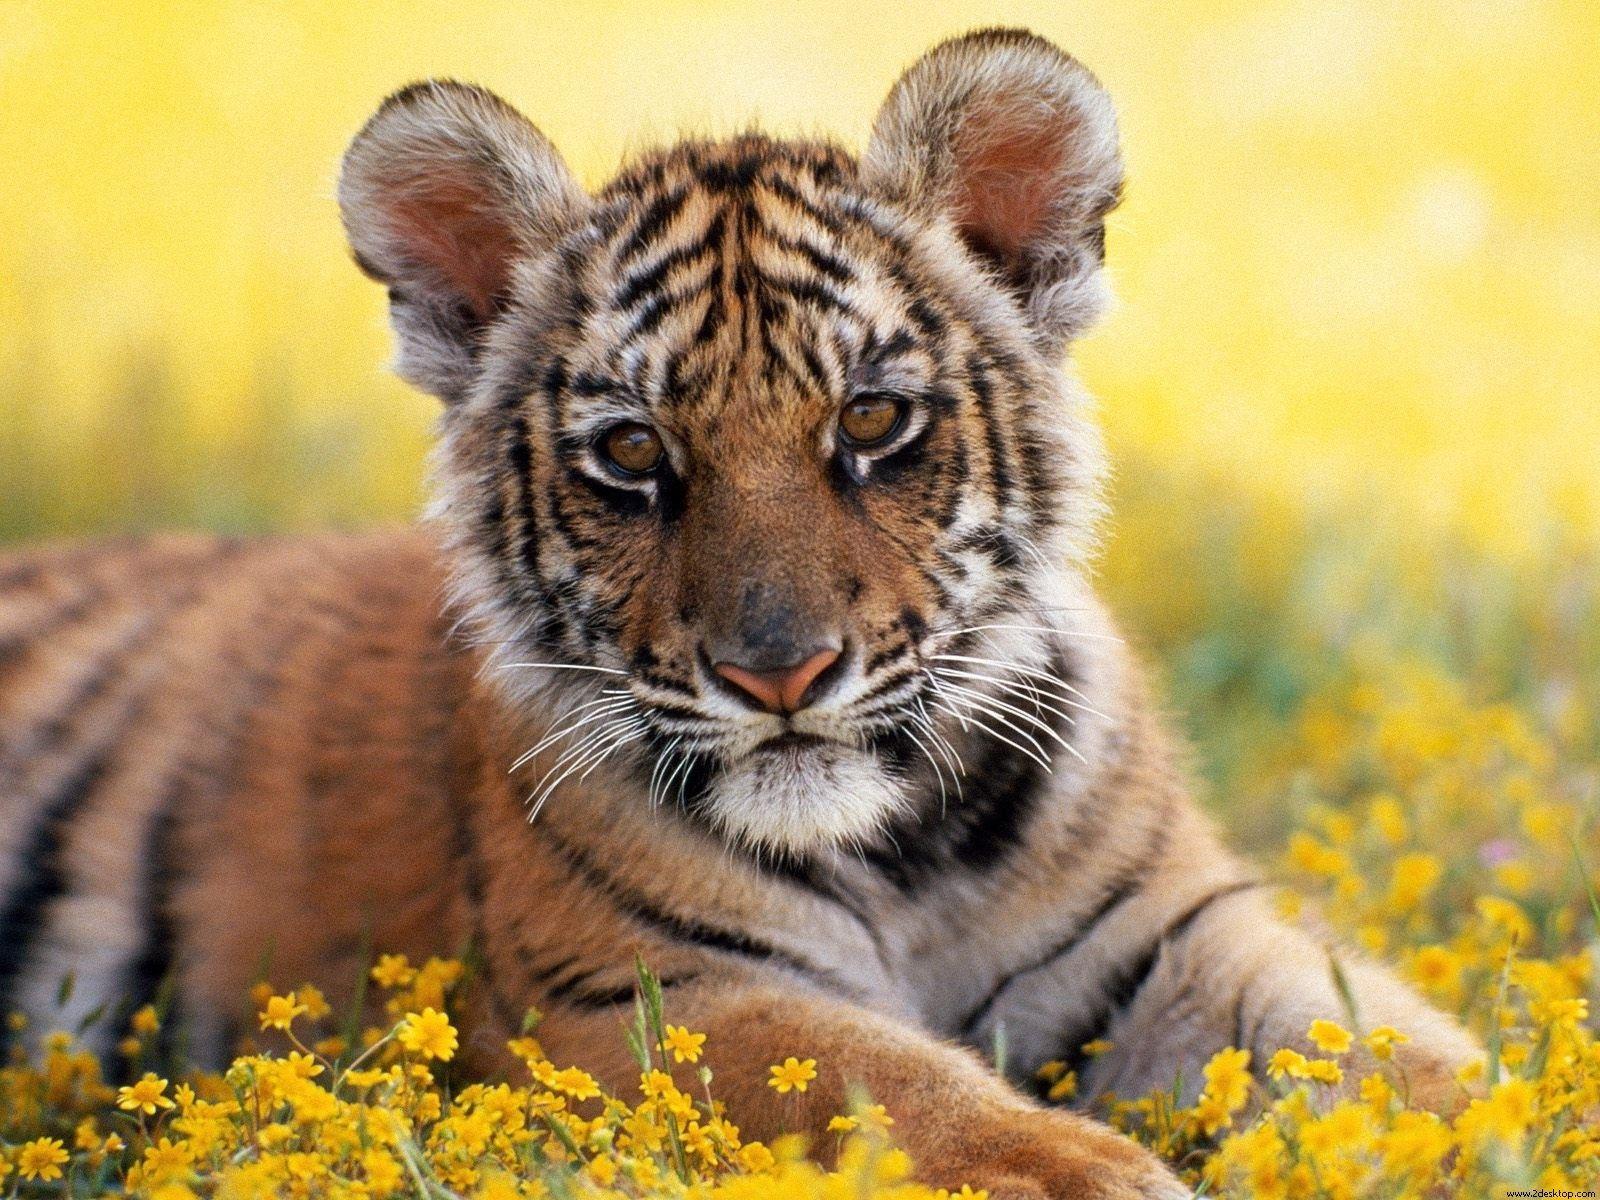 funny wallpapers|hd wallpapers: tiger cub wallpaper